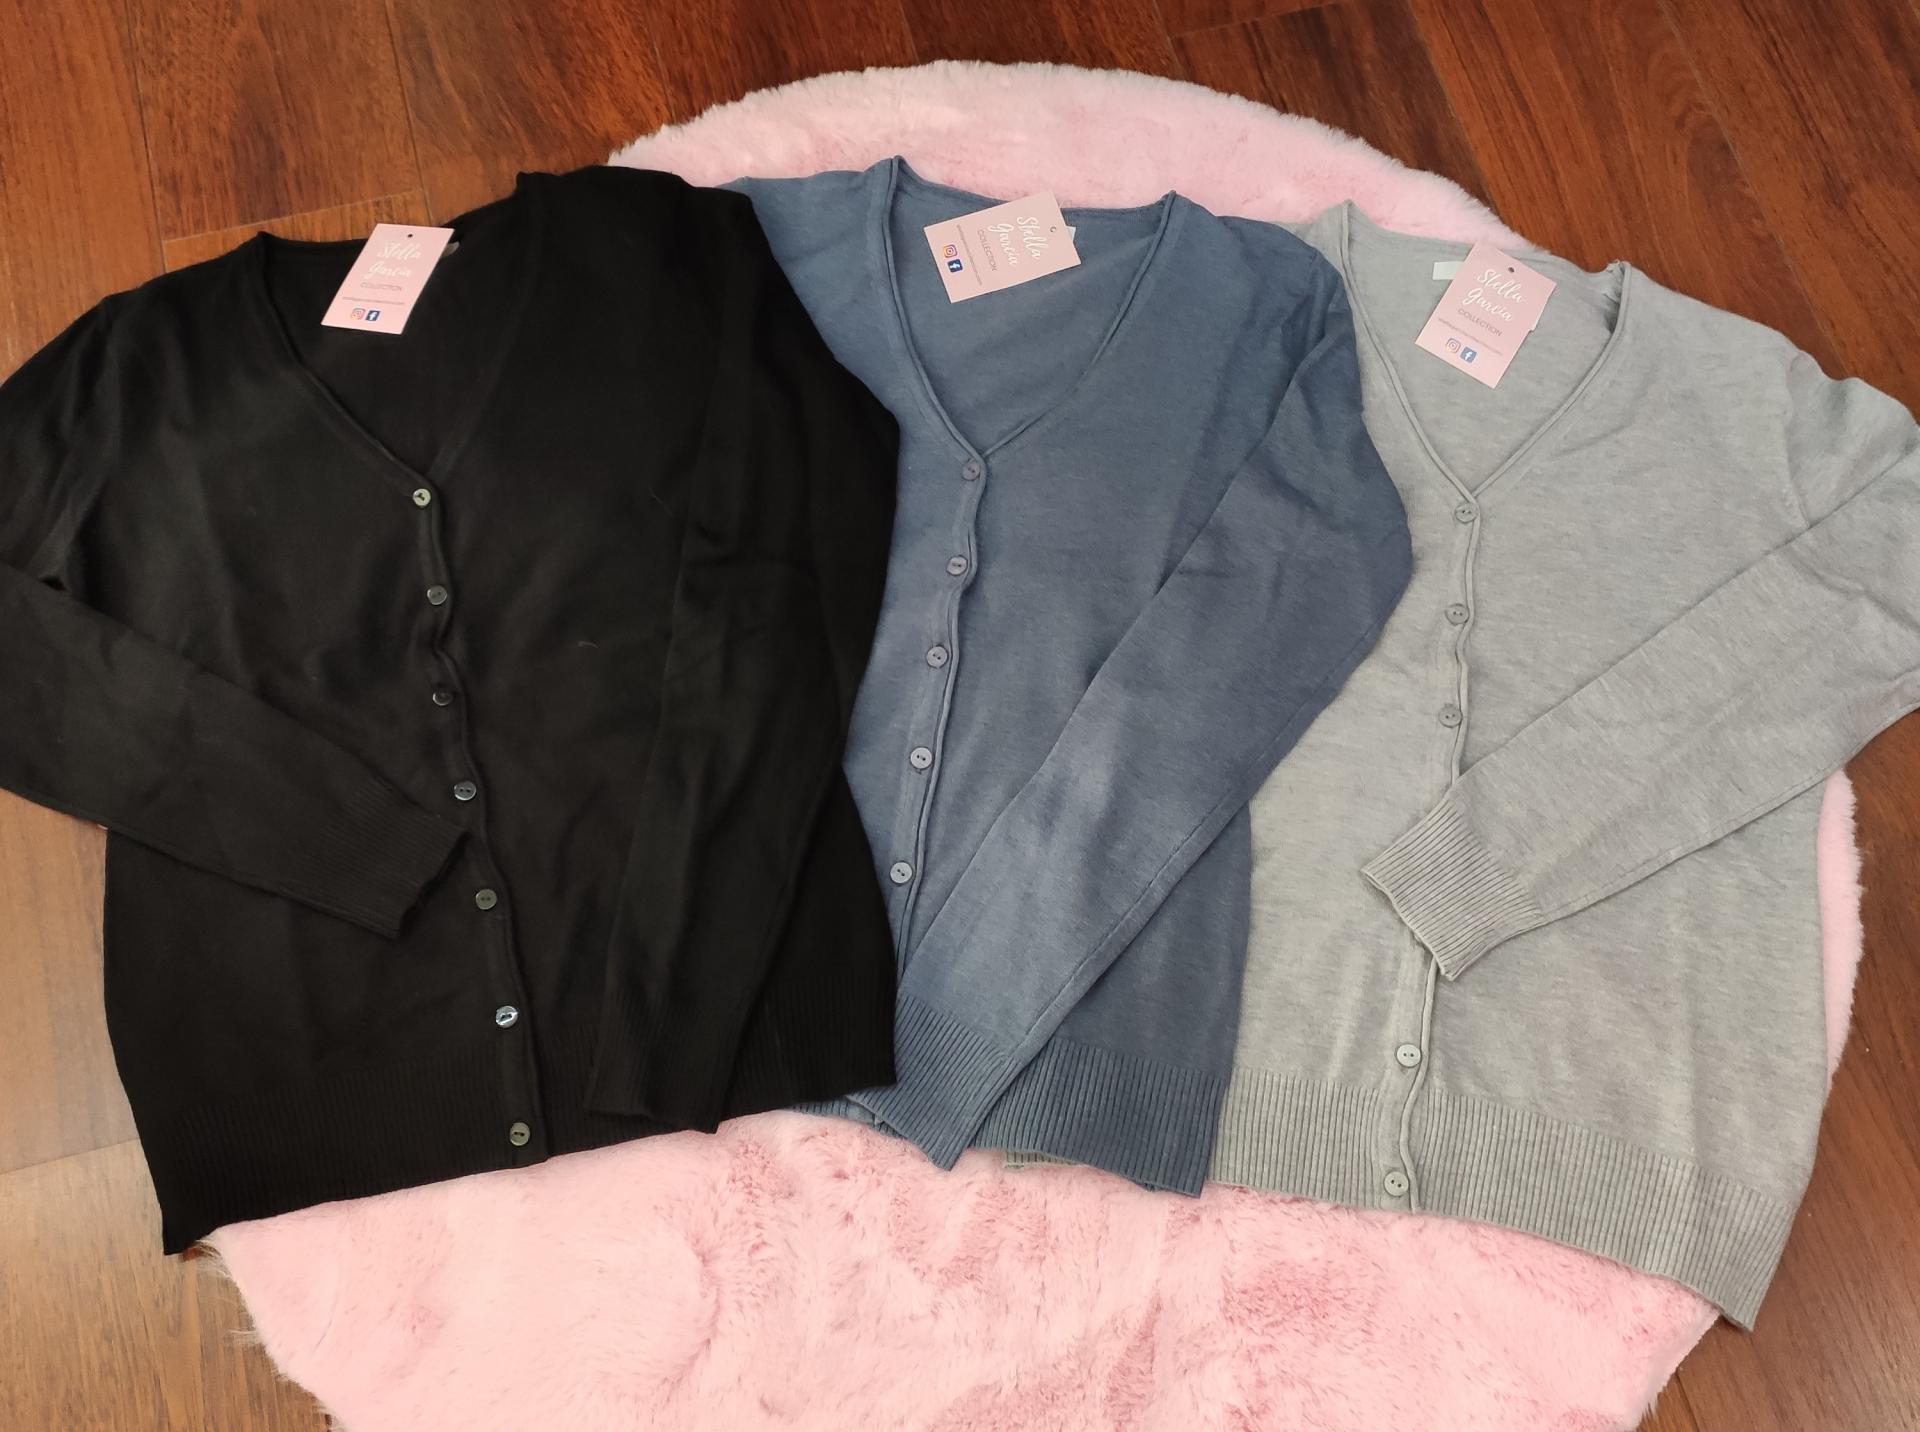 Rebeca Basic en Negro, Gris y Azul en S/M y L/XL